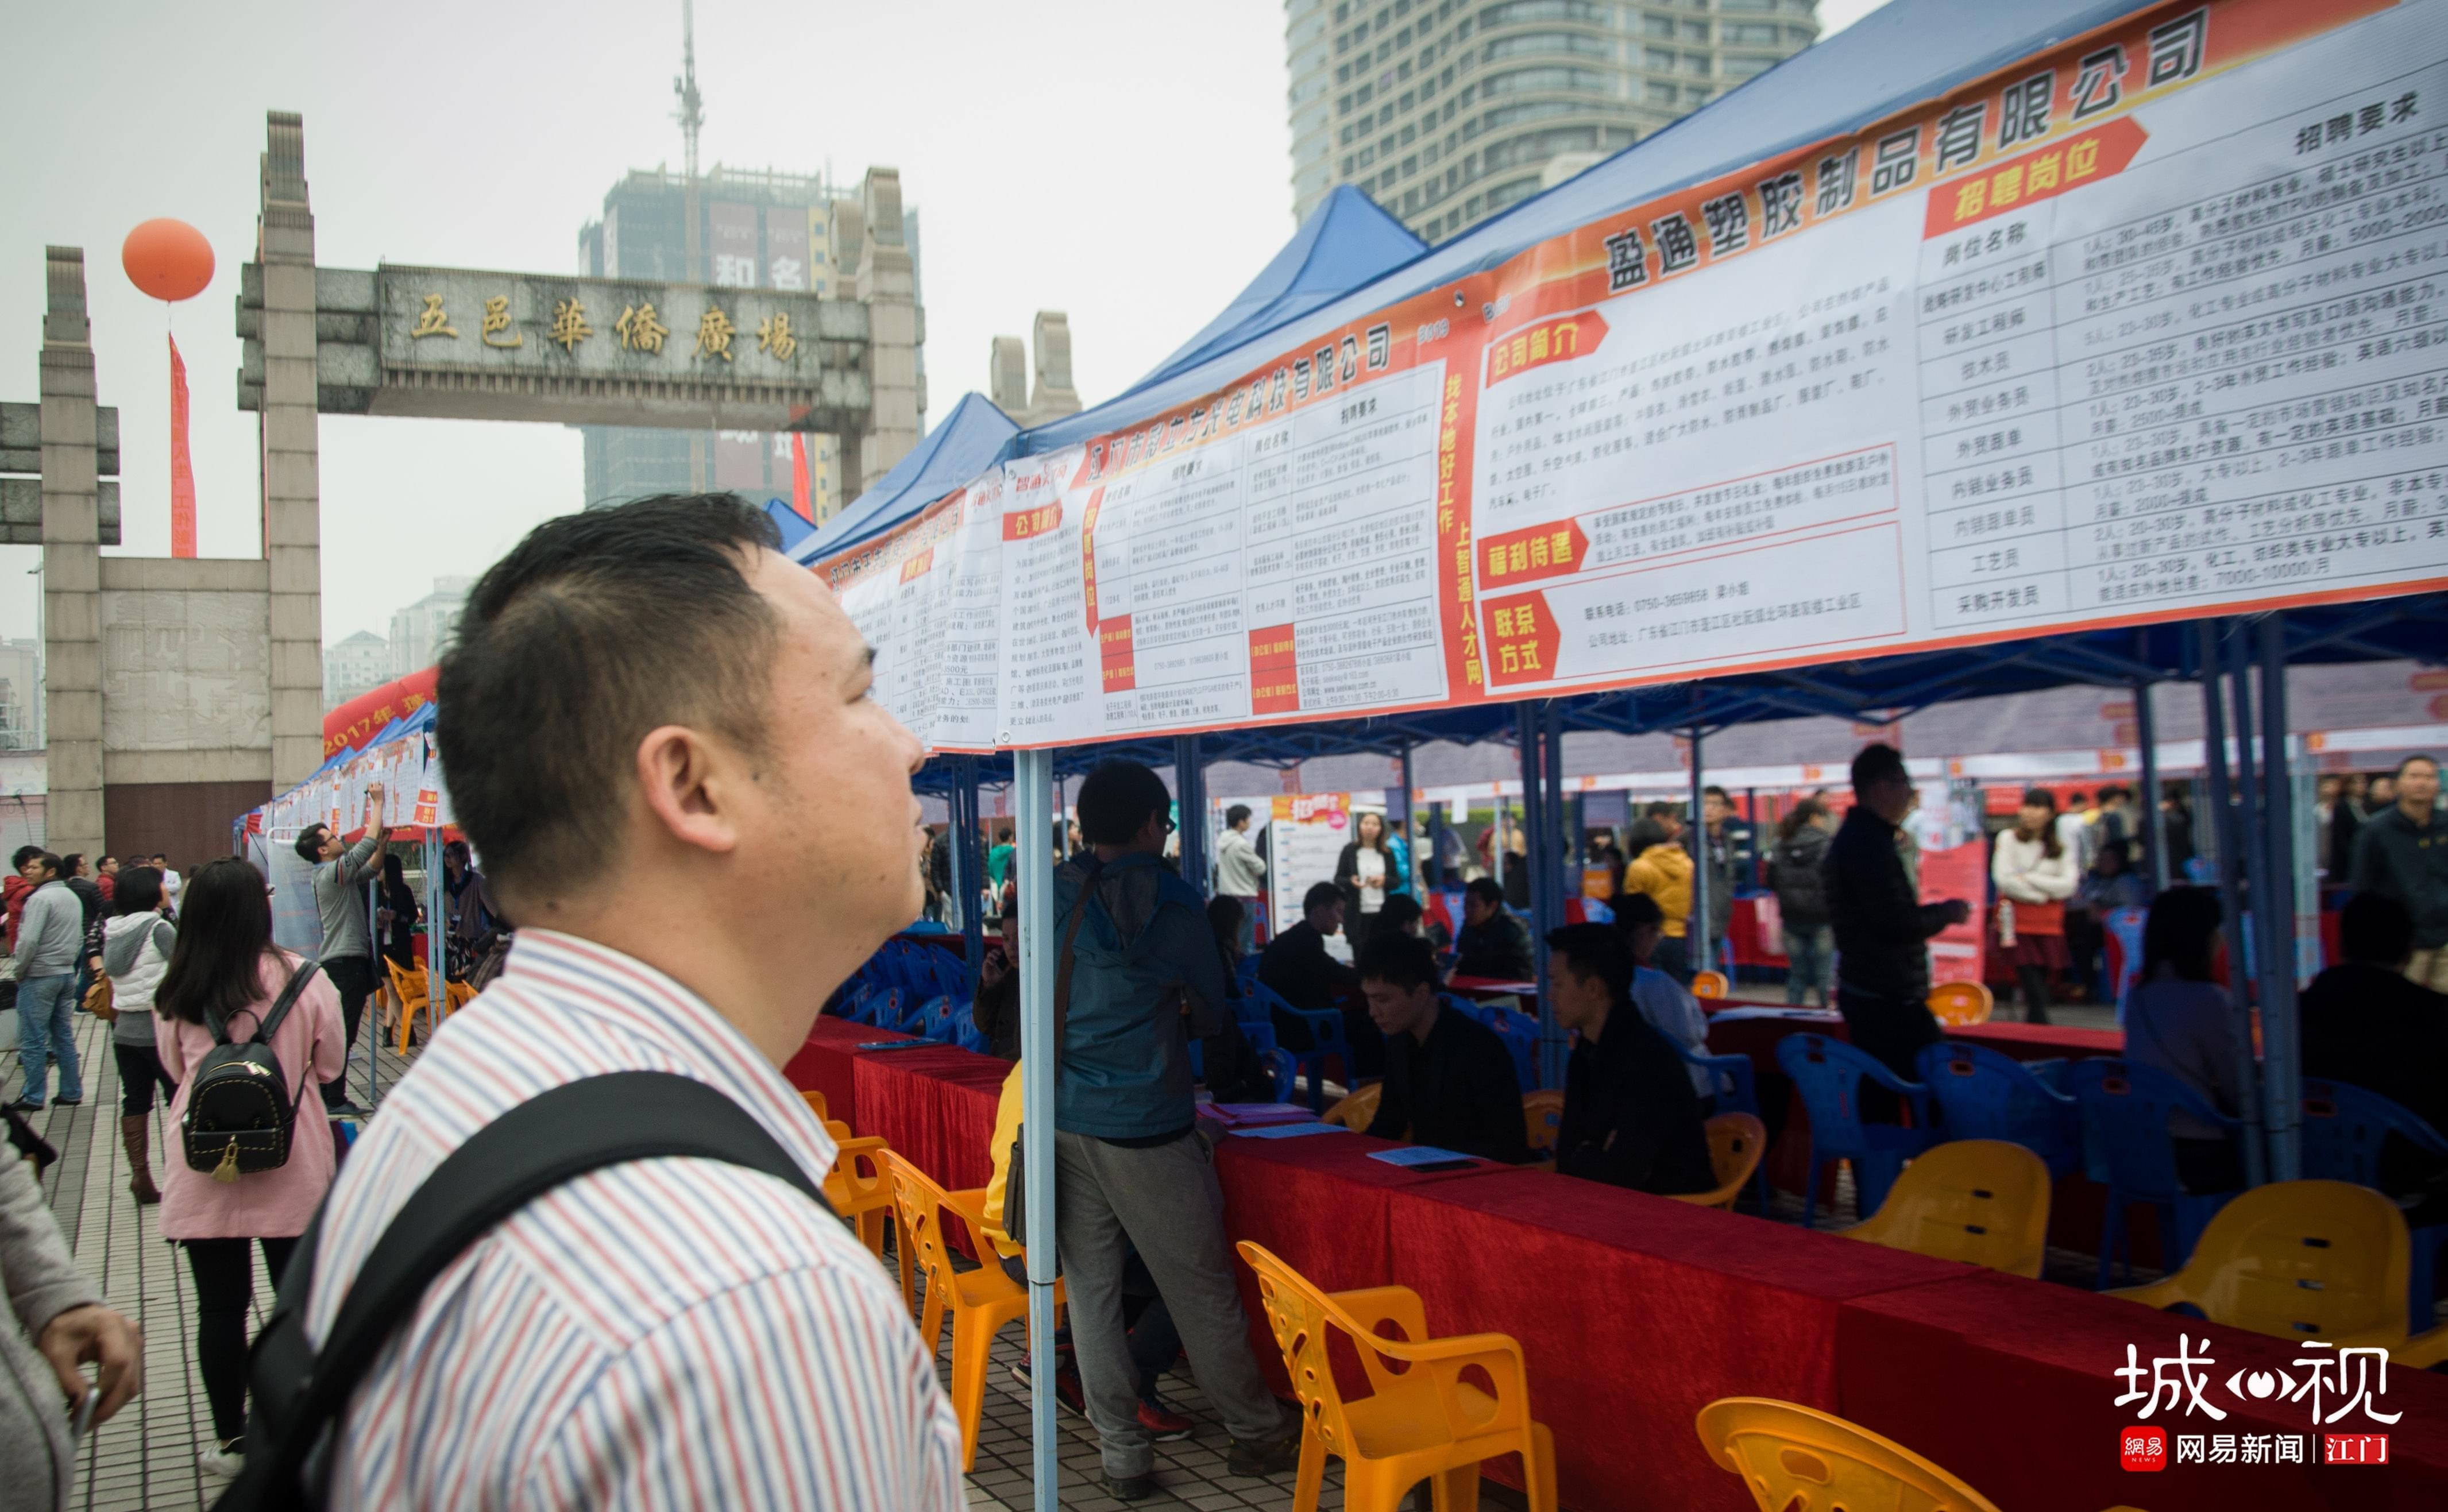 《城视》:江门春招季|三线城市青年就业微观